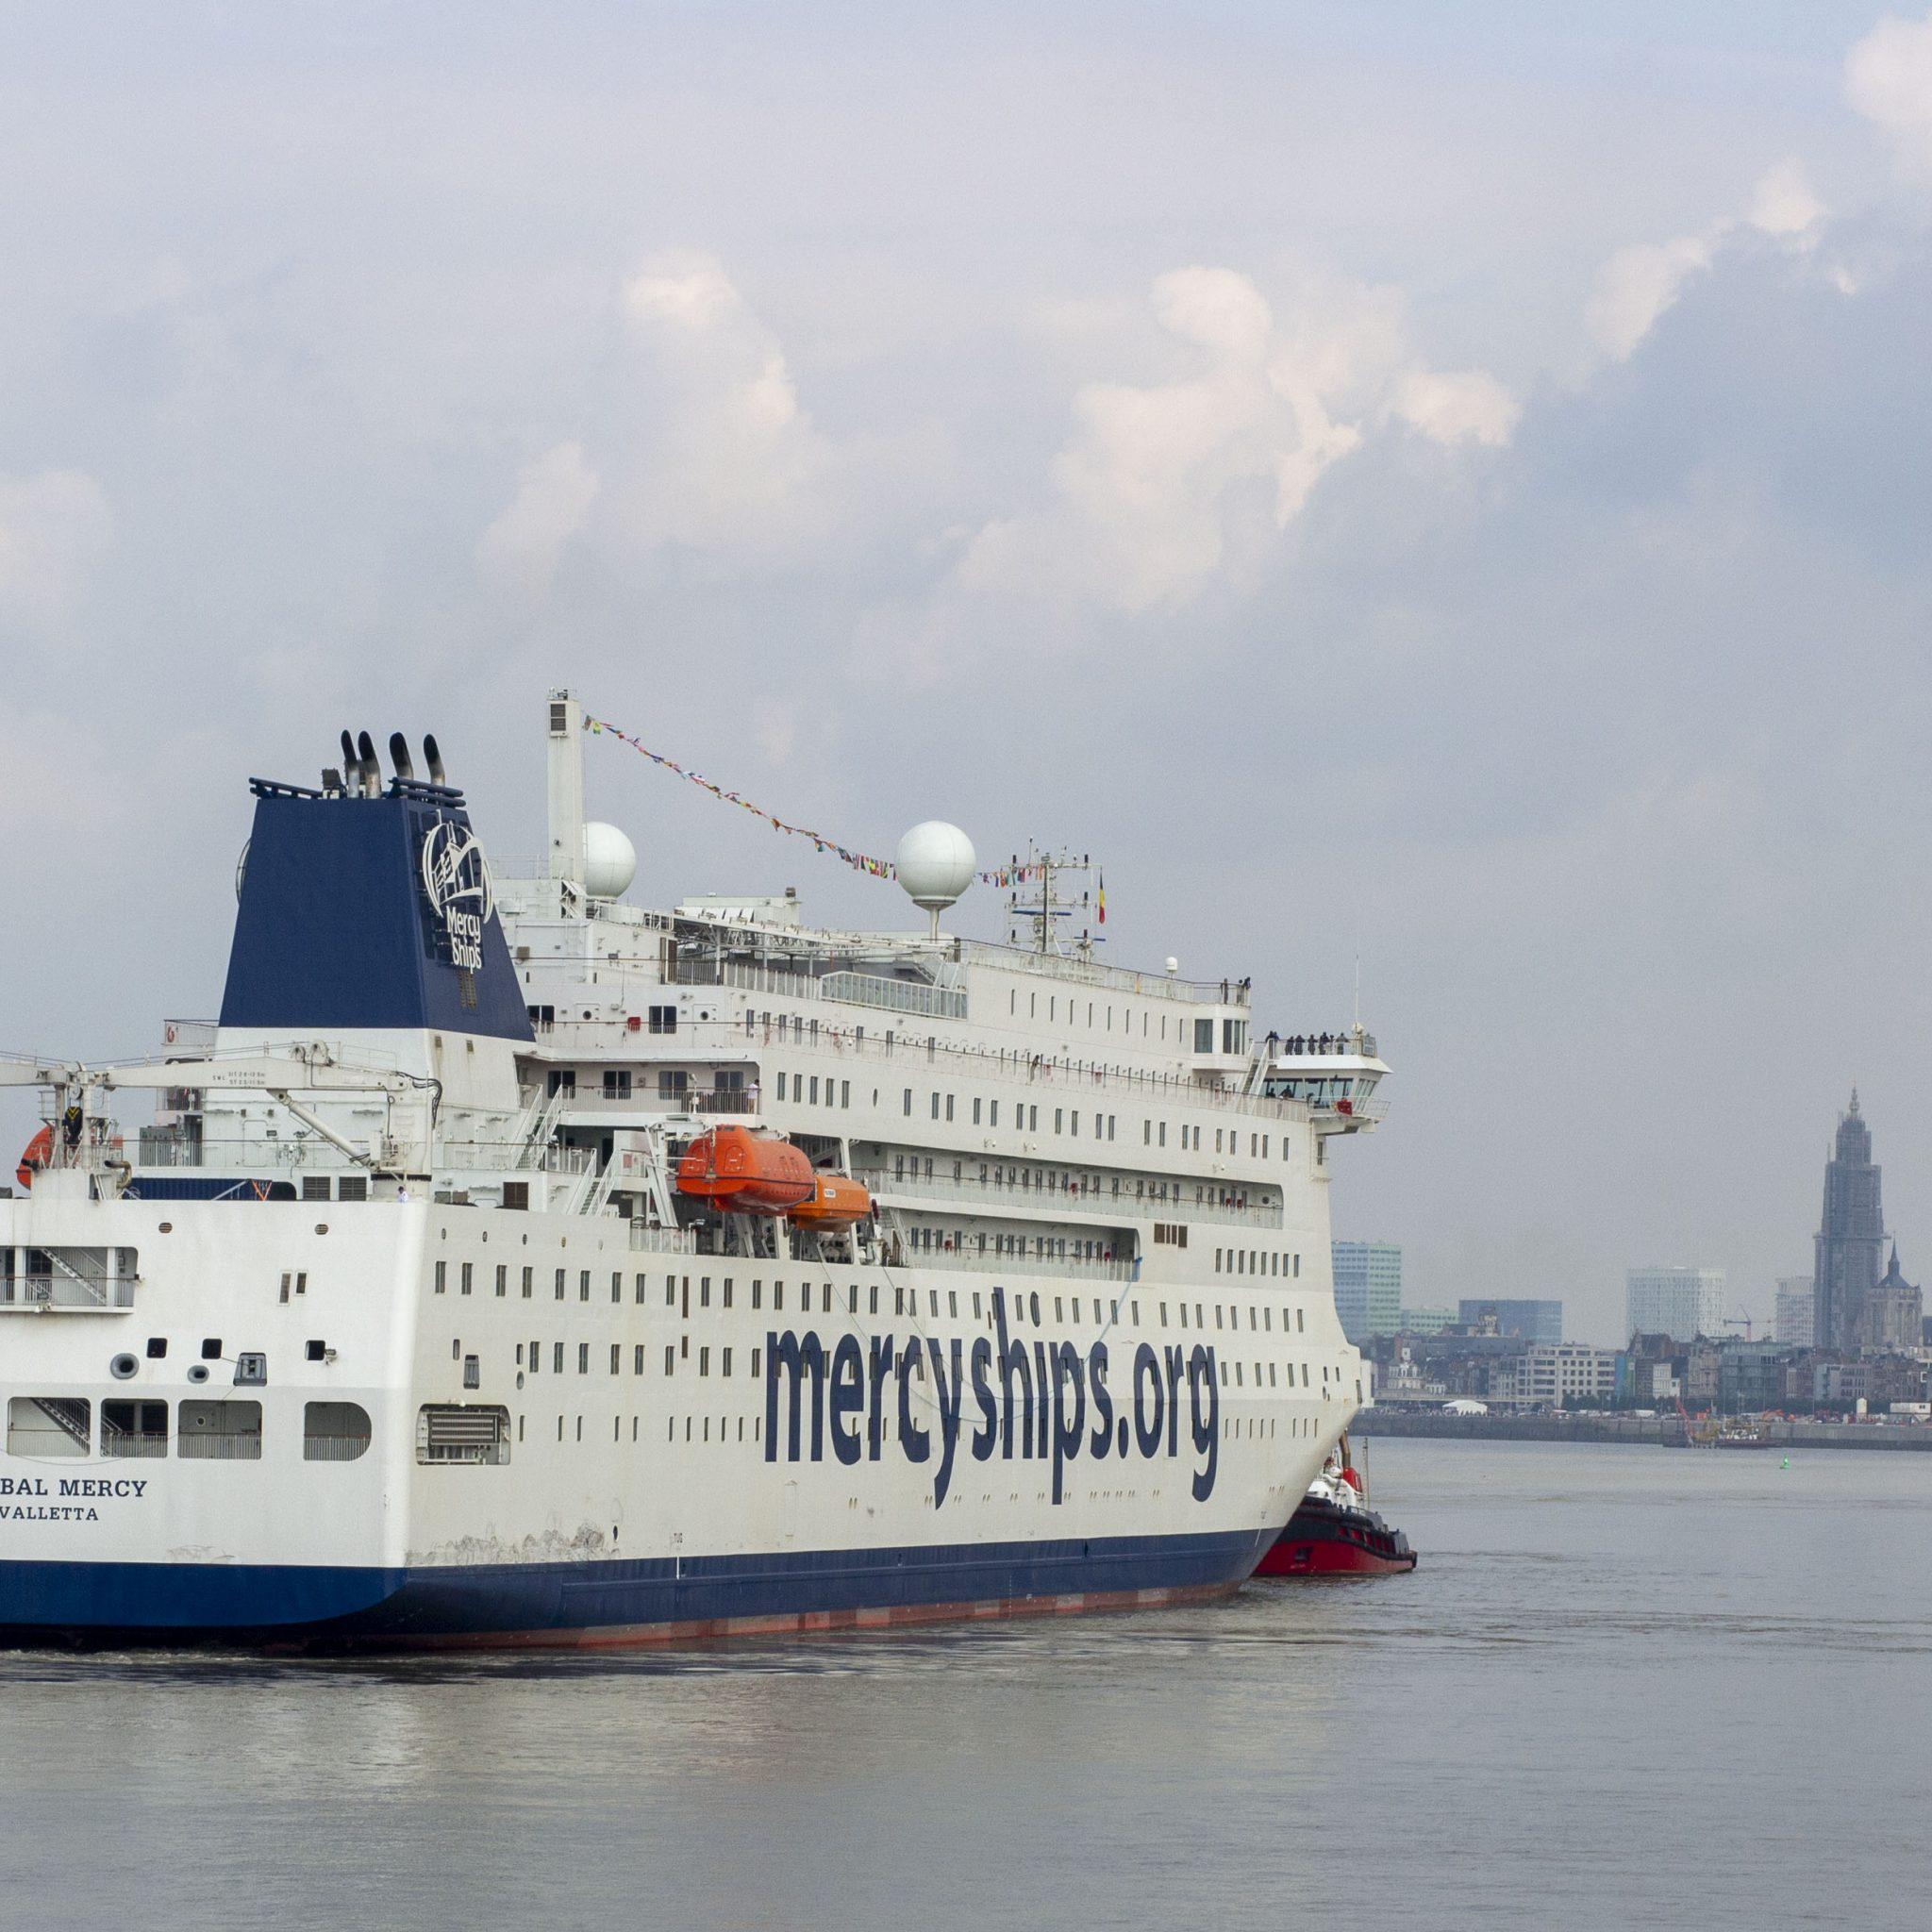 De Antwerpse havengemeenschap stelt goederen, diensten en financiën beschikbaar om de afbouw in Antwerpen mogelijk te maken. (Foto's Jerom Rozendaal)